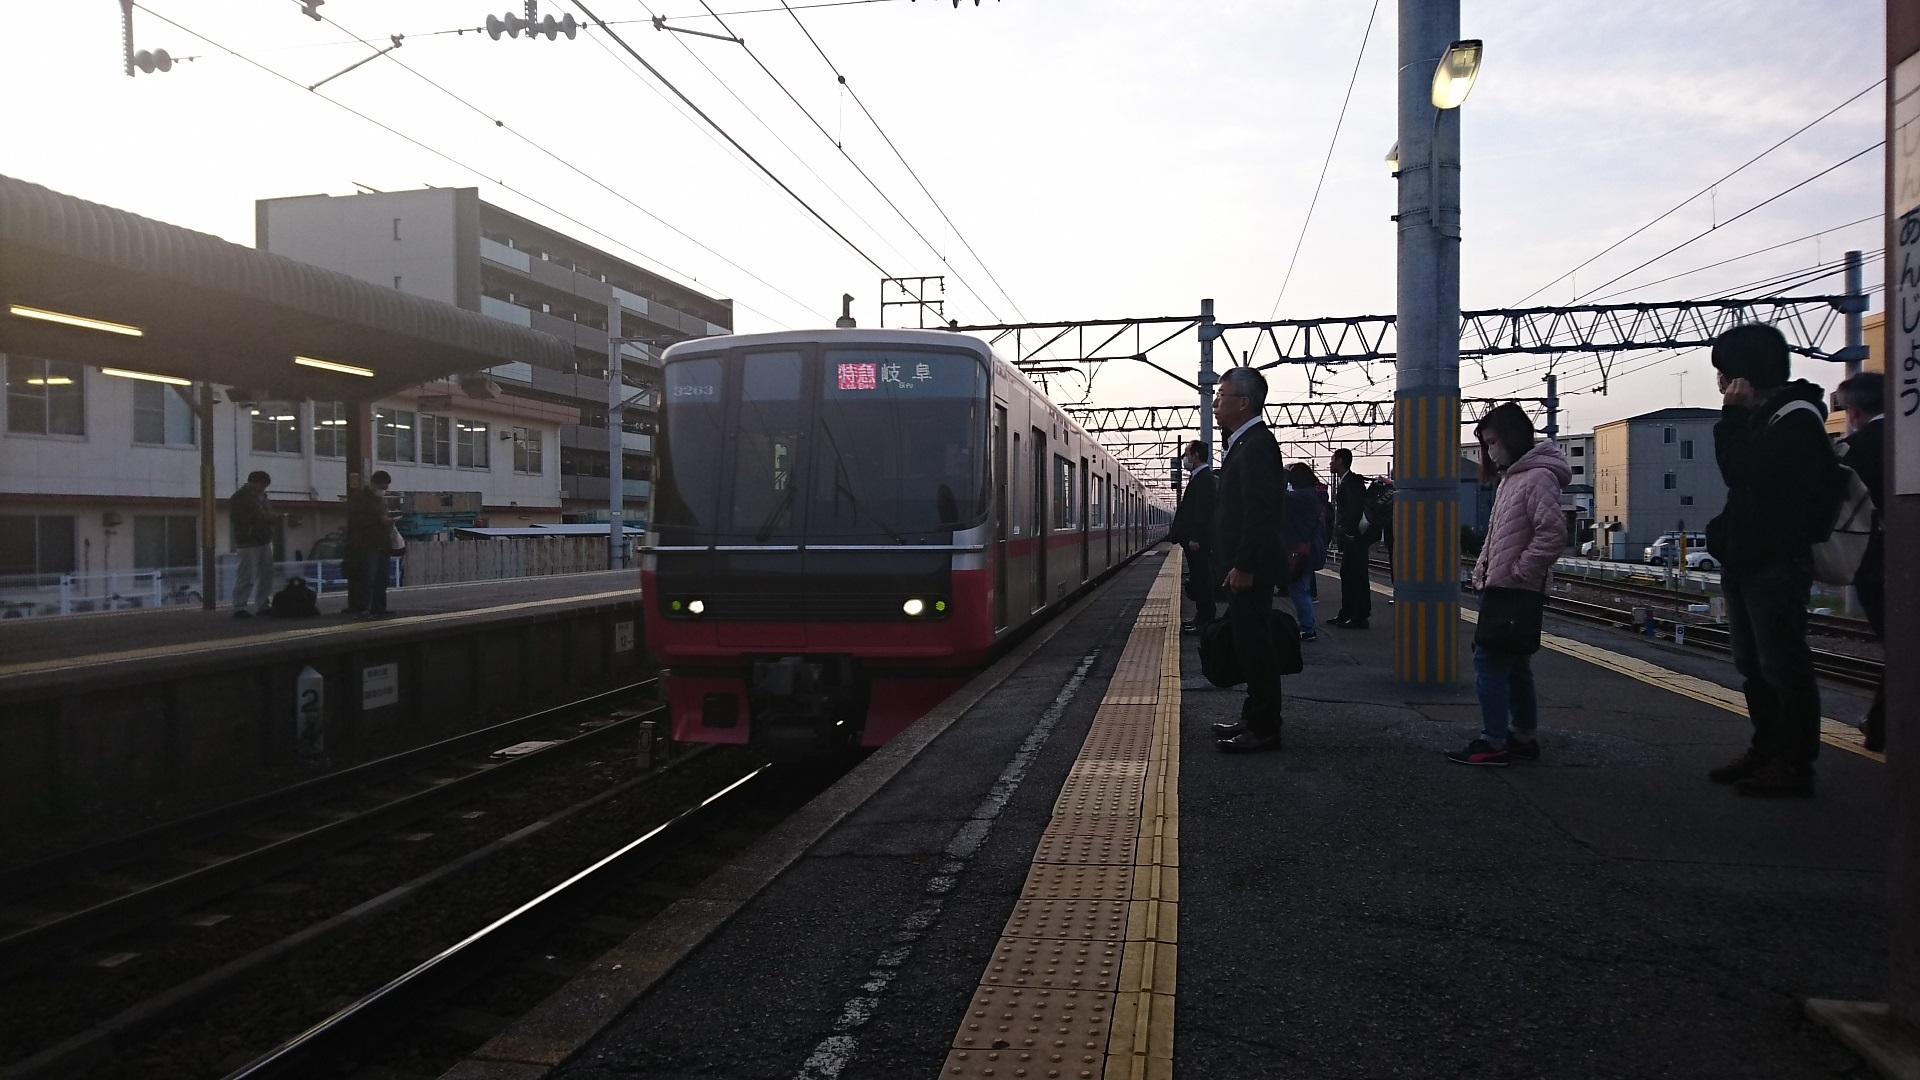 2018.4.5 名古屋 (5) しんあんじょう - 岐阜いき特急 1920-1080